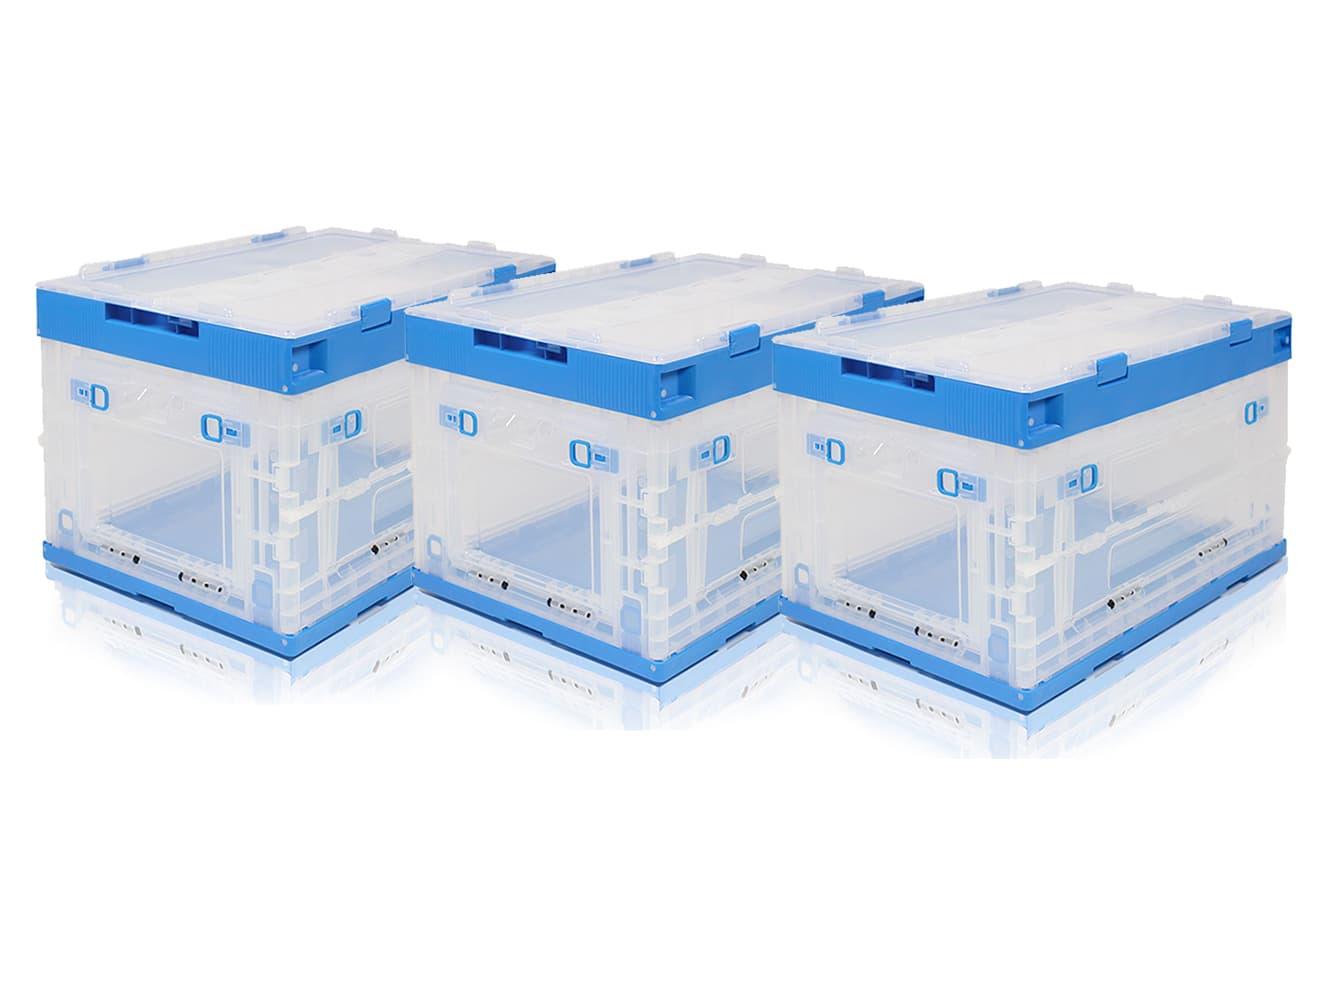 折り畳みコンテナ 50L 中窓2箇所付(長辺1&短辺1) 3個セット 透明&青◆オリコン コンテナボックス 折りたたみ 収納BOX ストレージボックス